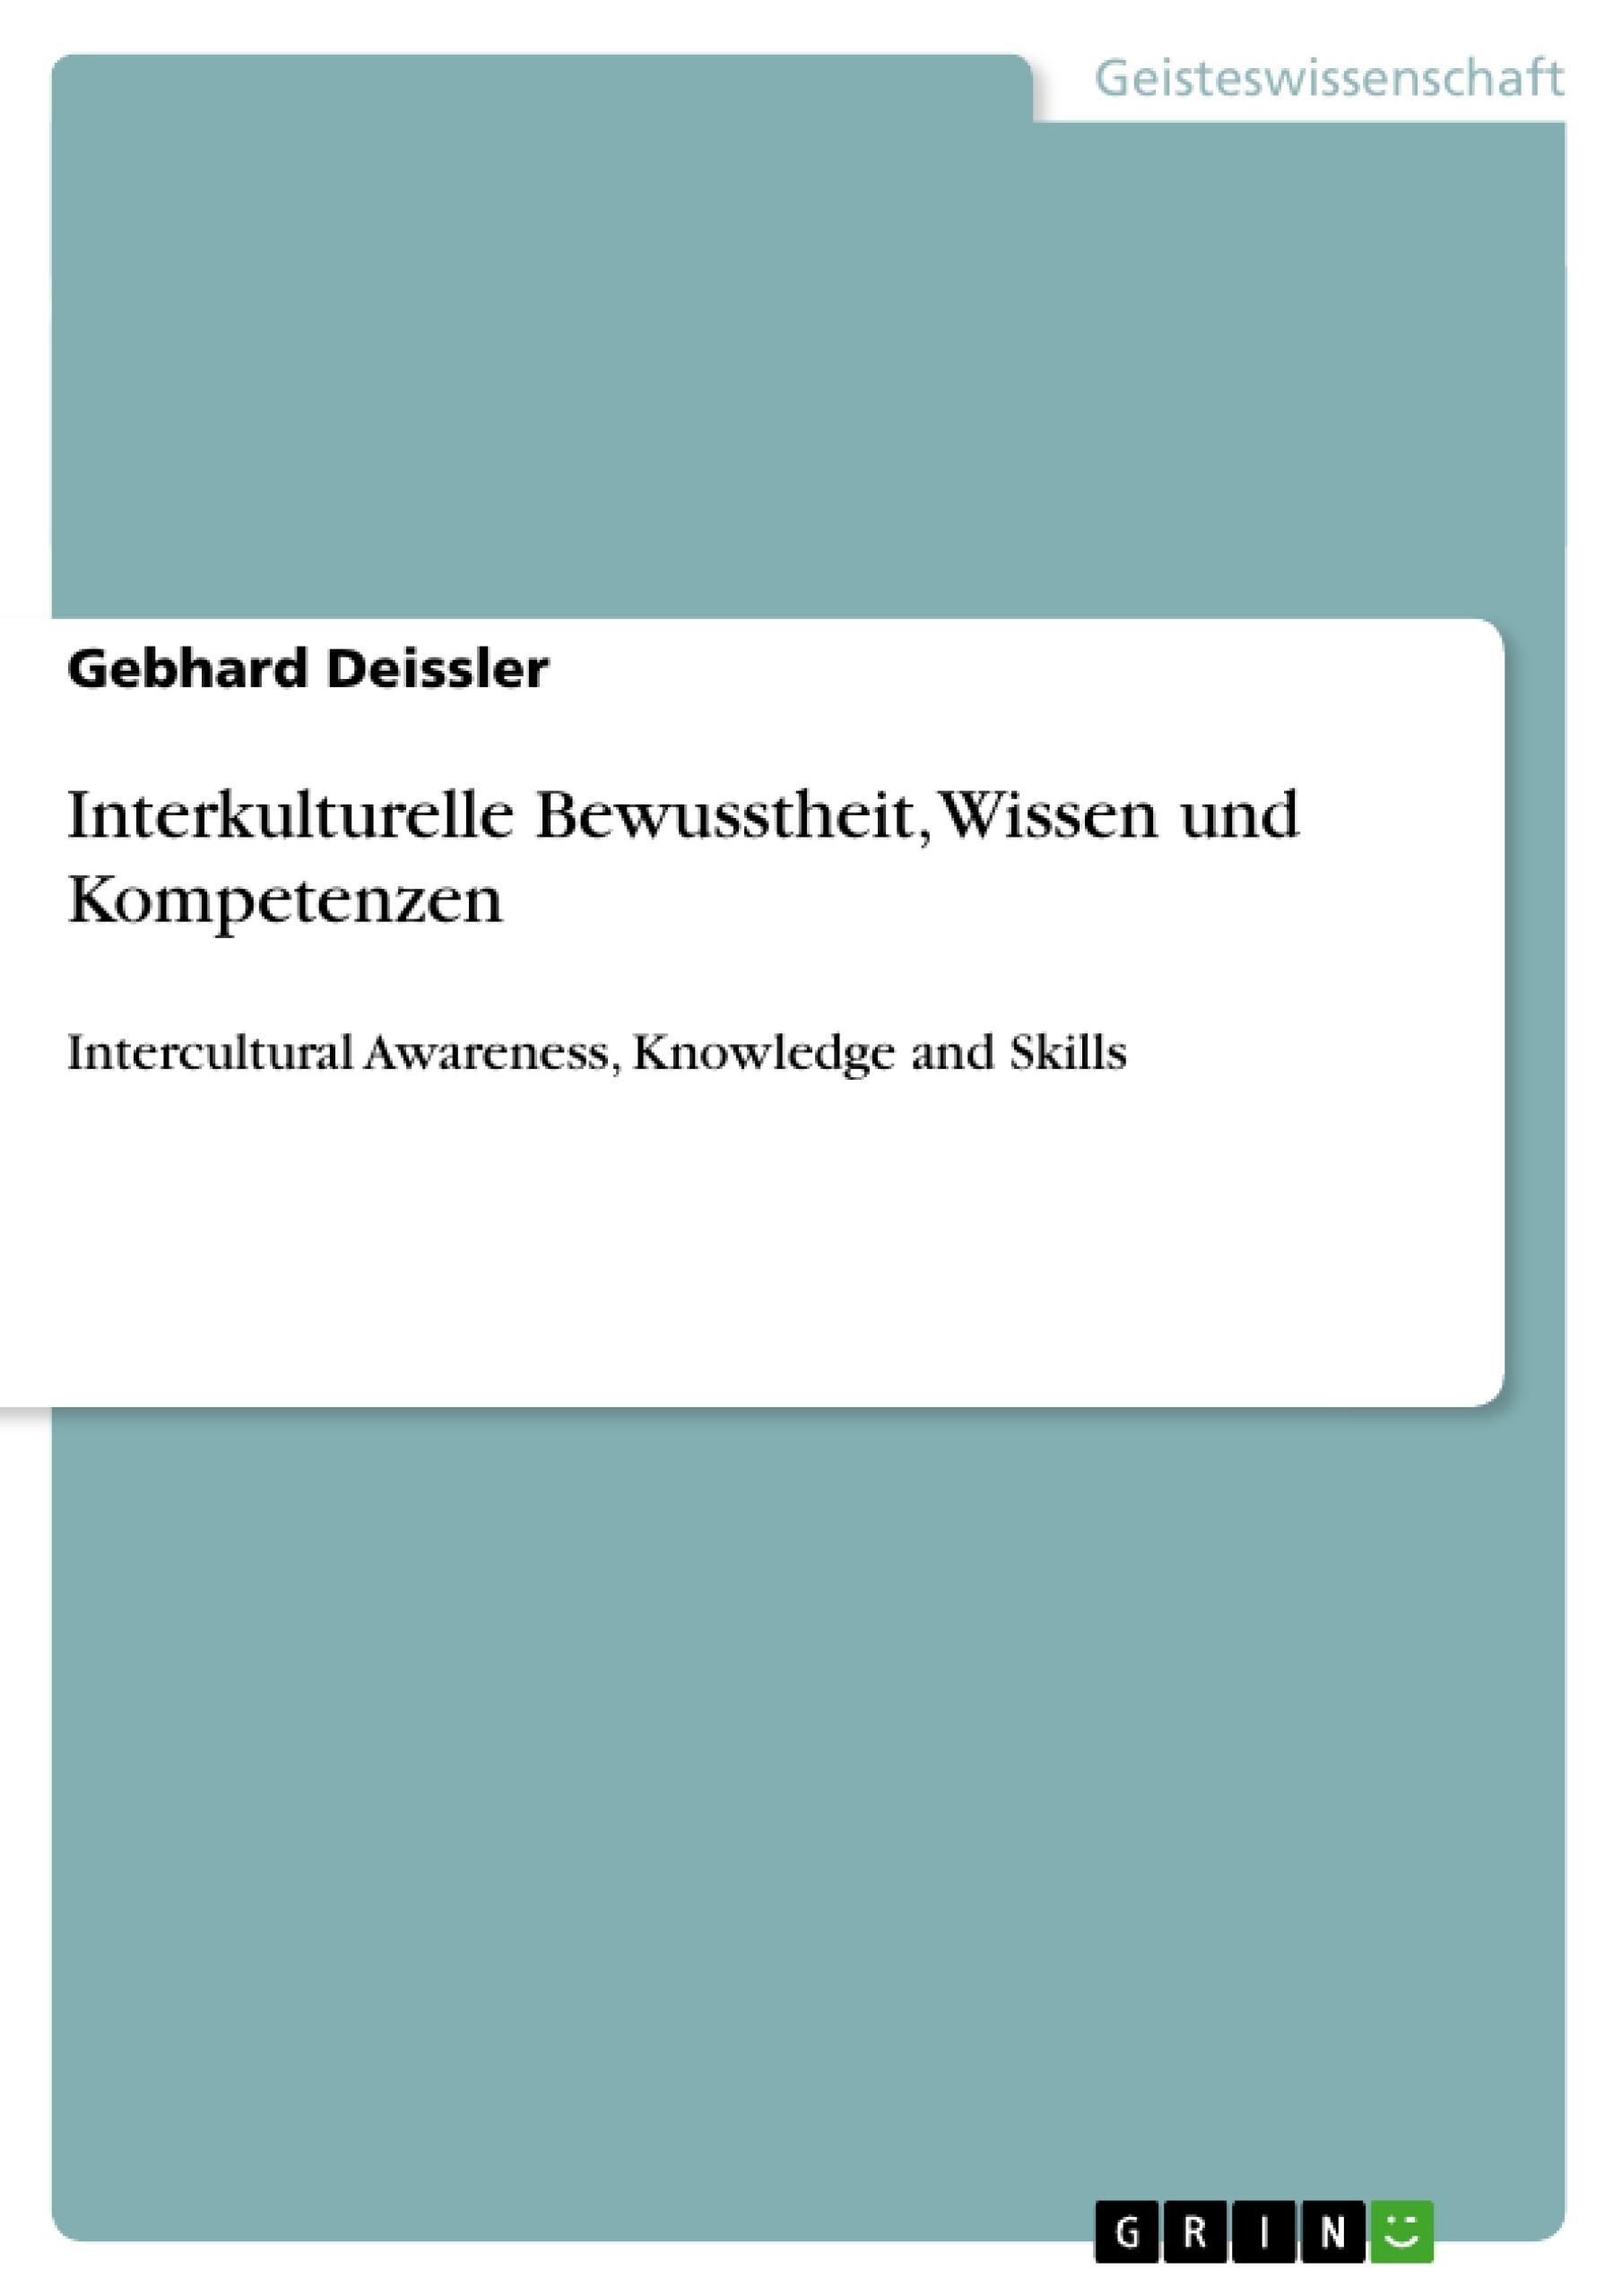 Titel: Interkulturelle Bewusstheit, Wissen und Kompetenzen